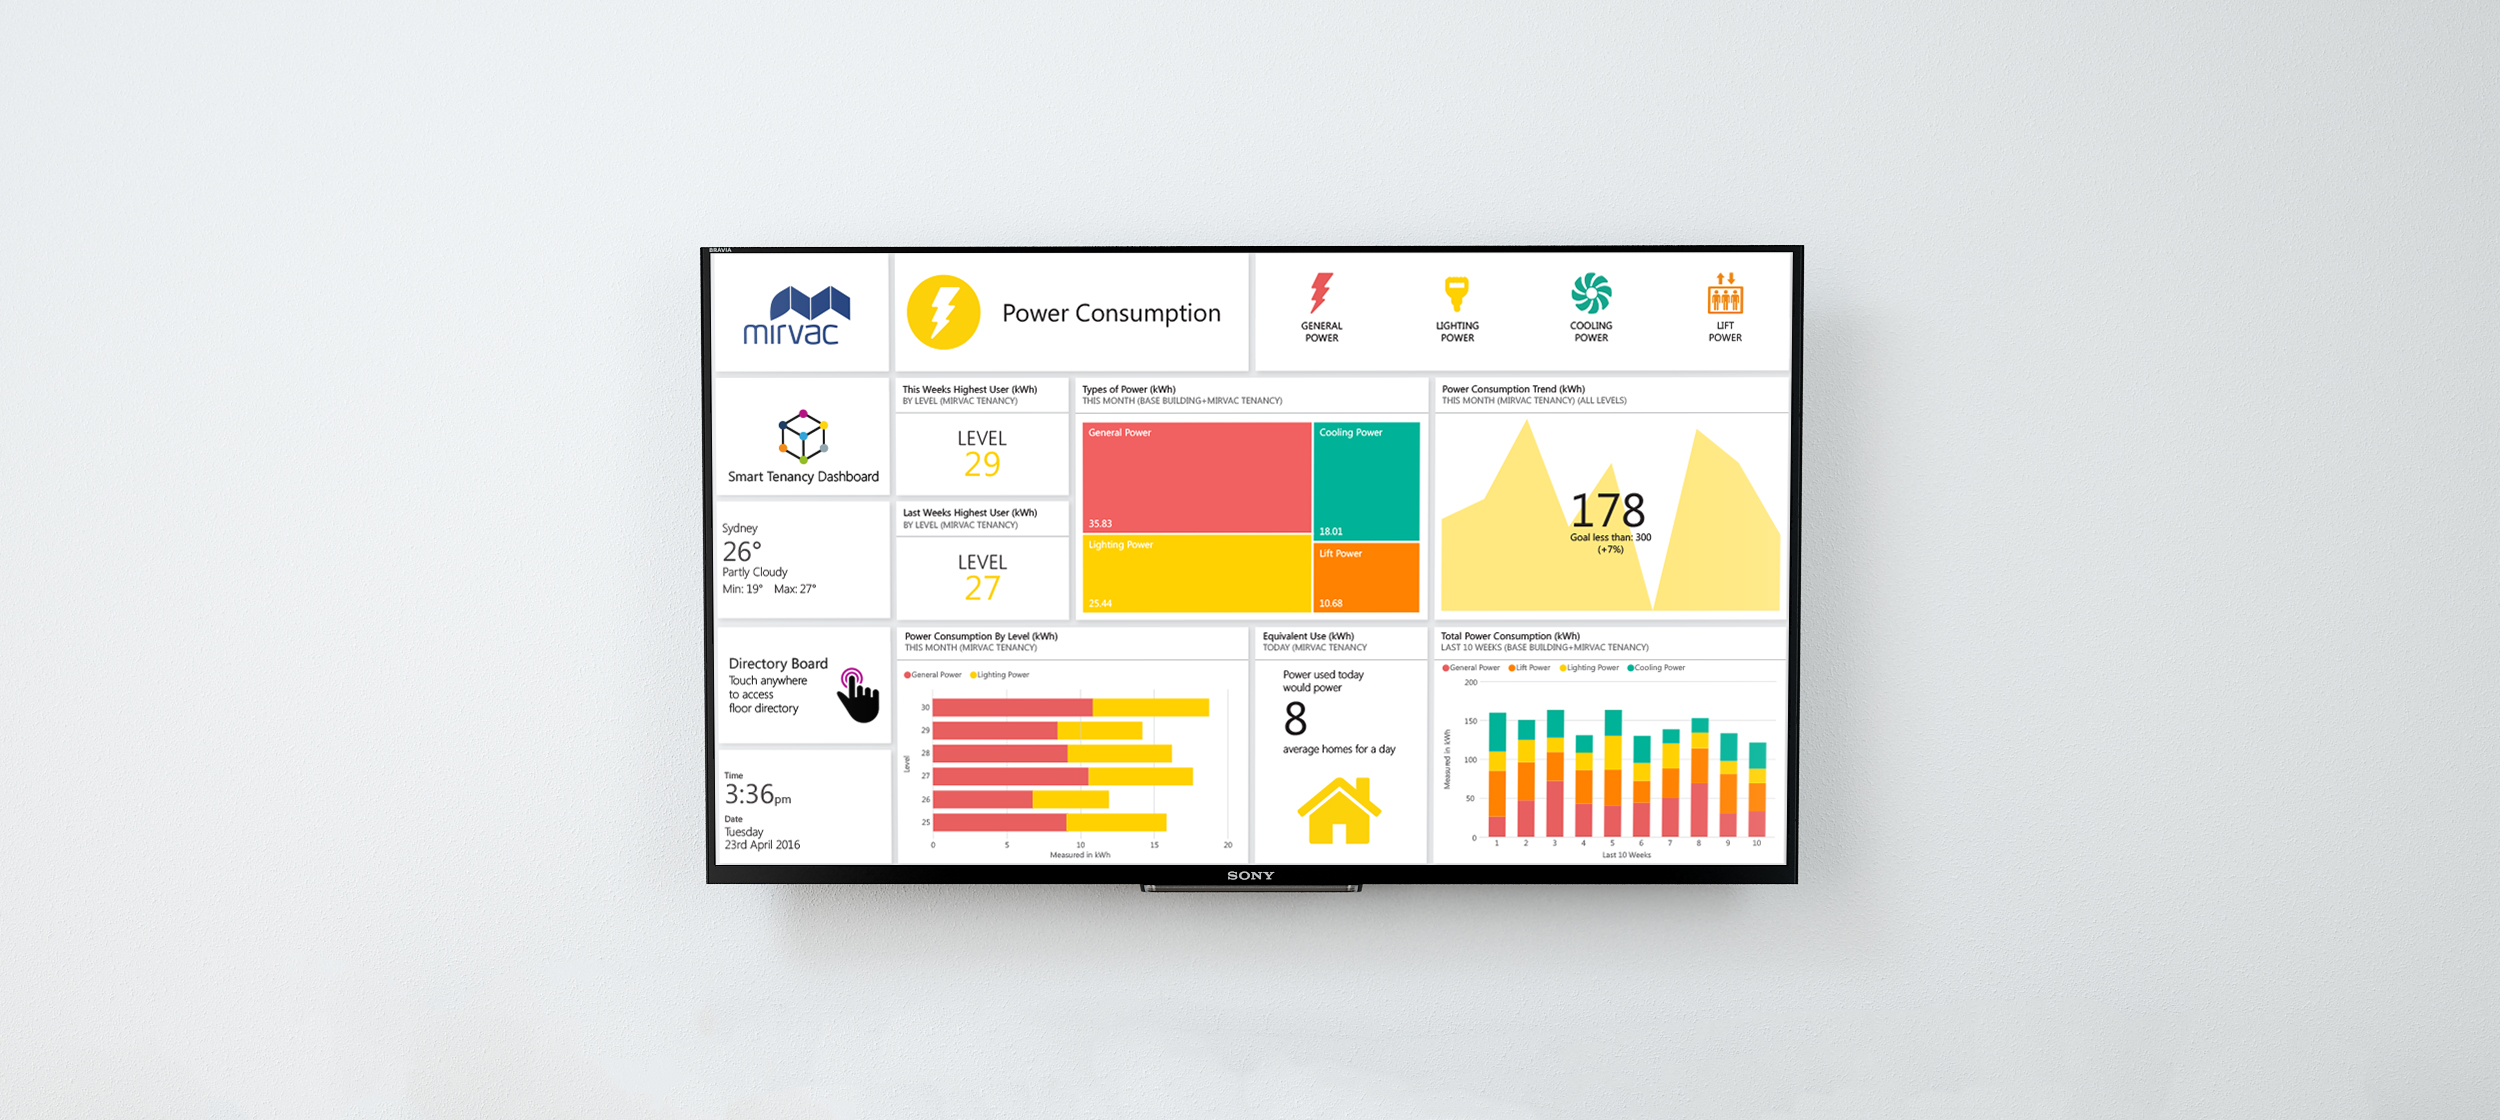 Mirvac Smart Tenancy Dashboard - Mirvac